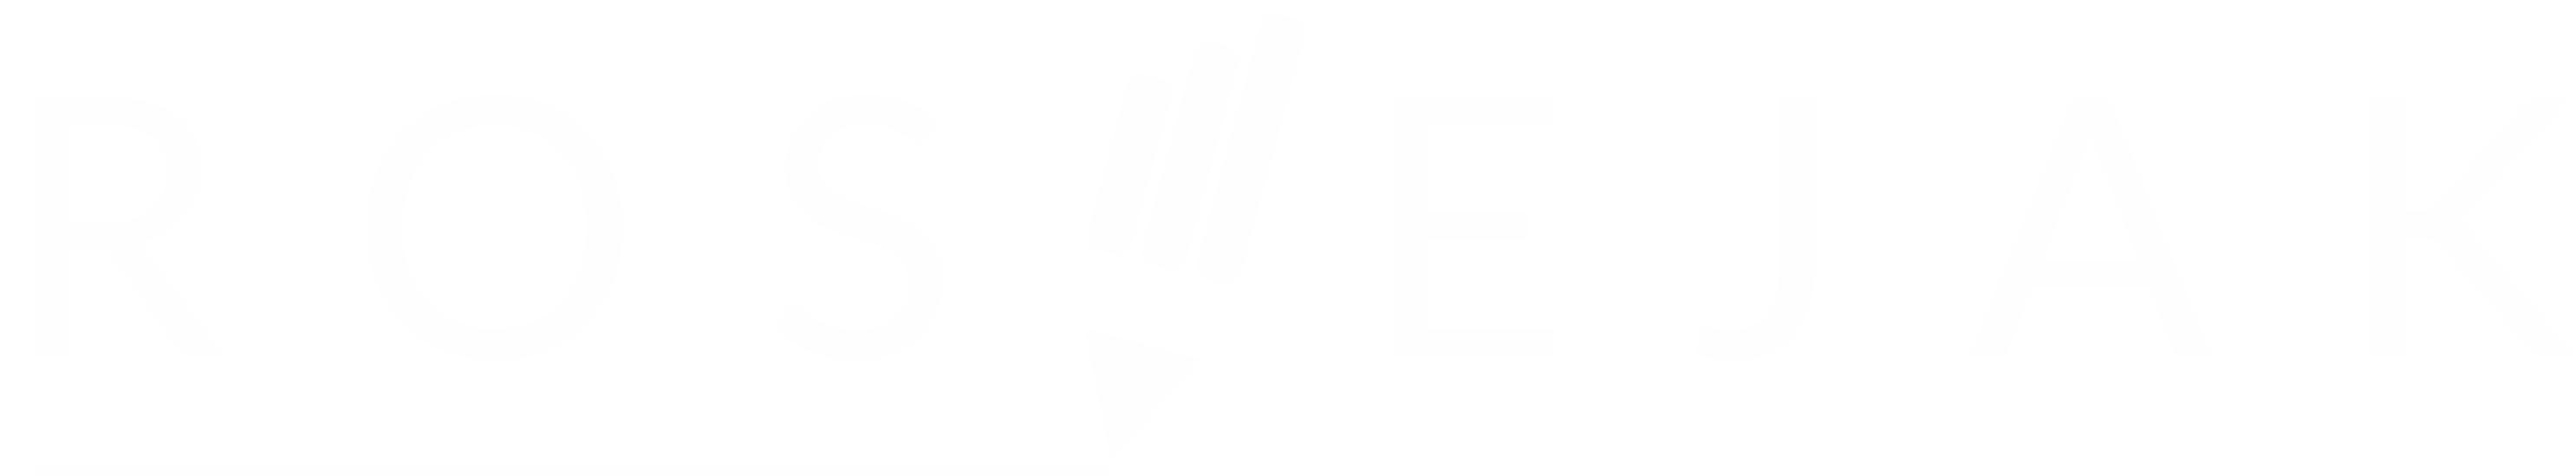 Usługi Projektowania Budowlanego Środa Wlkp- Monika Rosiejak Logo